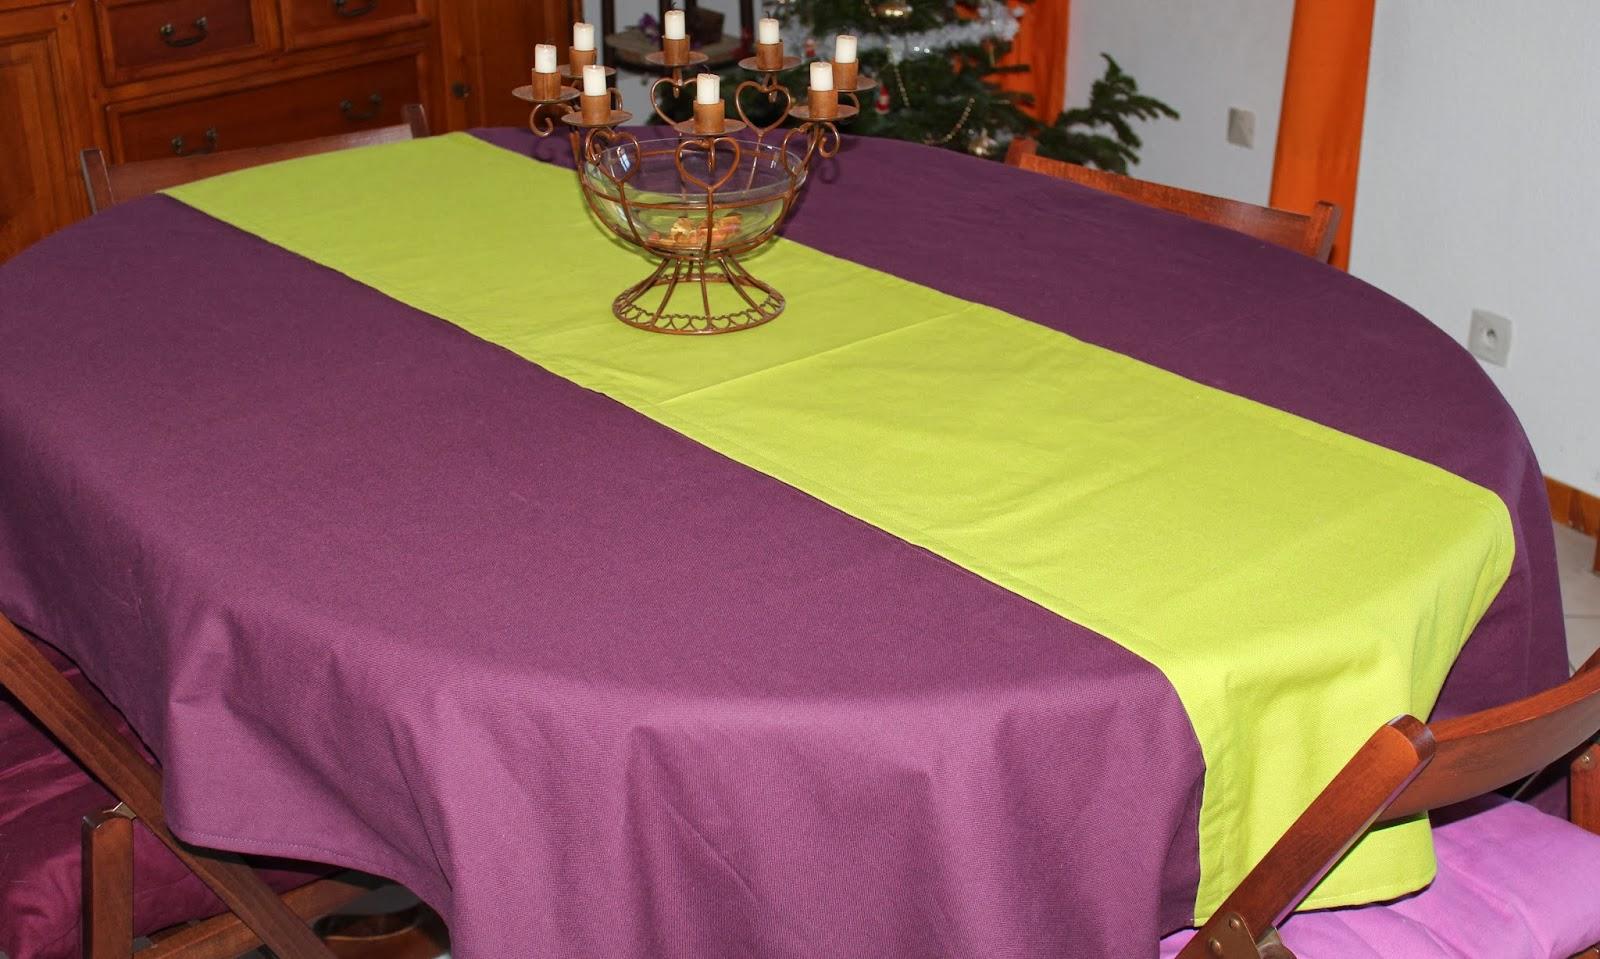 nappe violette. Black Bedroom Furniture Sets. Home Design Ideas